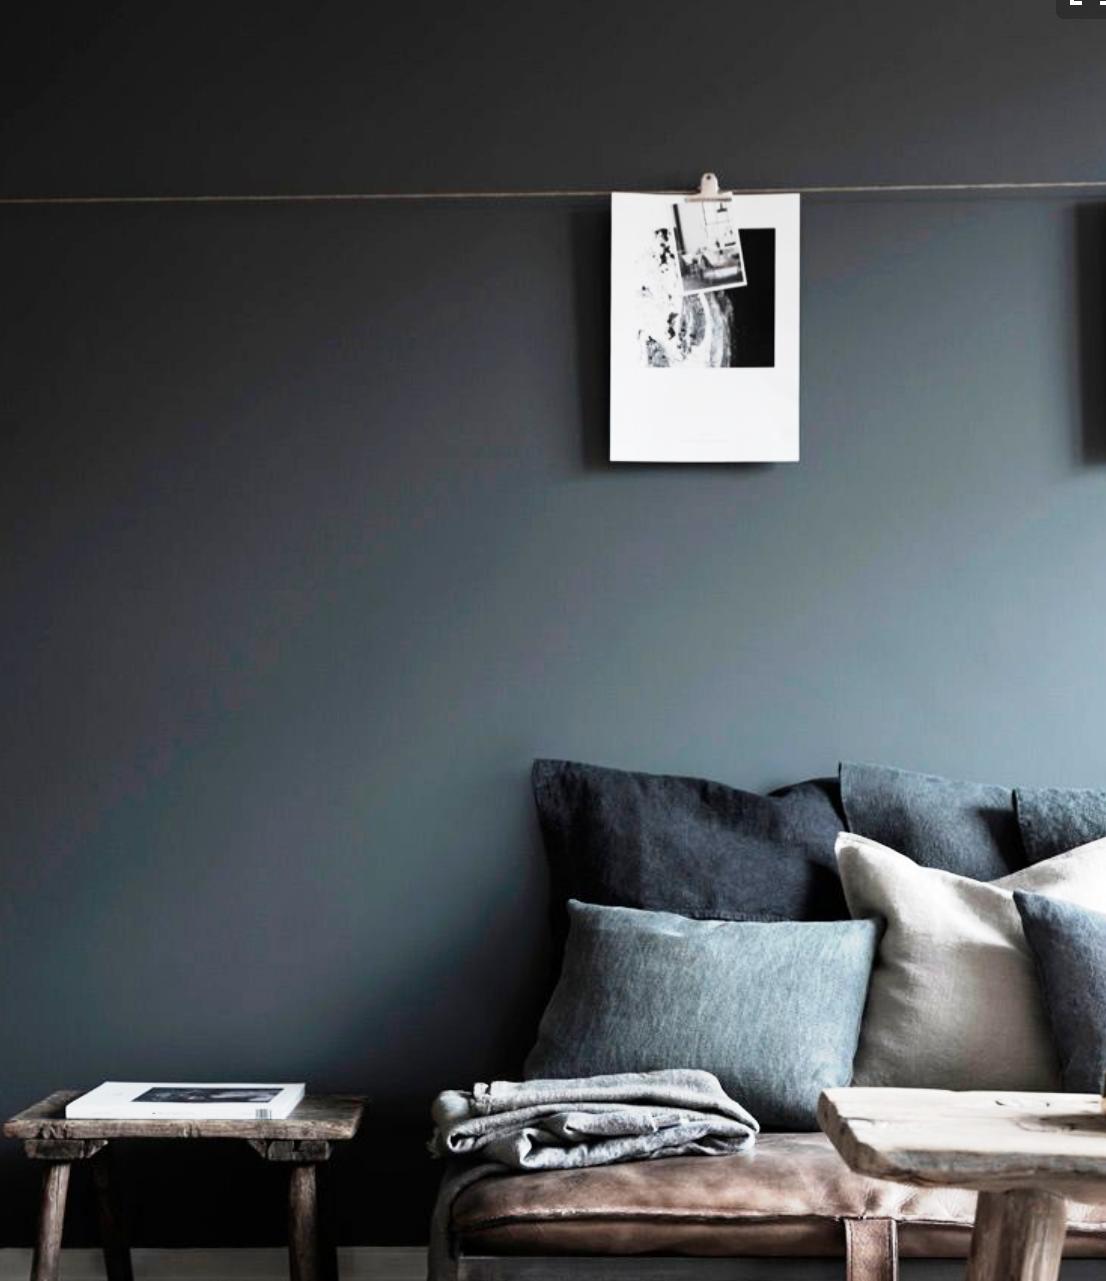 Schwarze Wände, Beste Anstrichfarben, Wandfarben, Schwarze  Innenausstattung, Innenarchitektur, Innengarten, Selbstgemachtes Für Zu  Hause, Haus Touren, ...